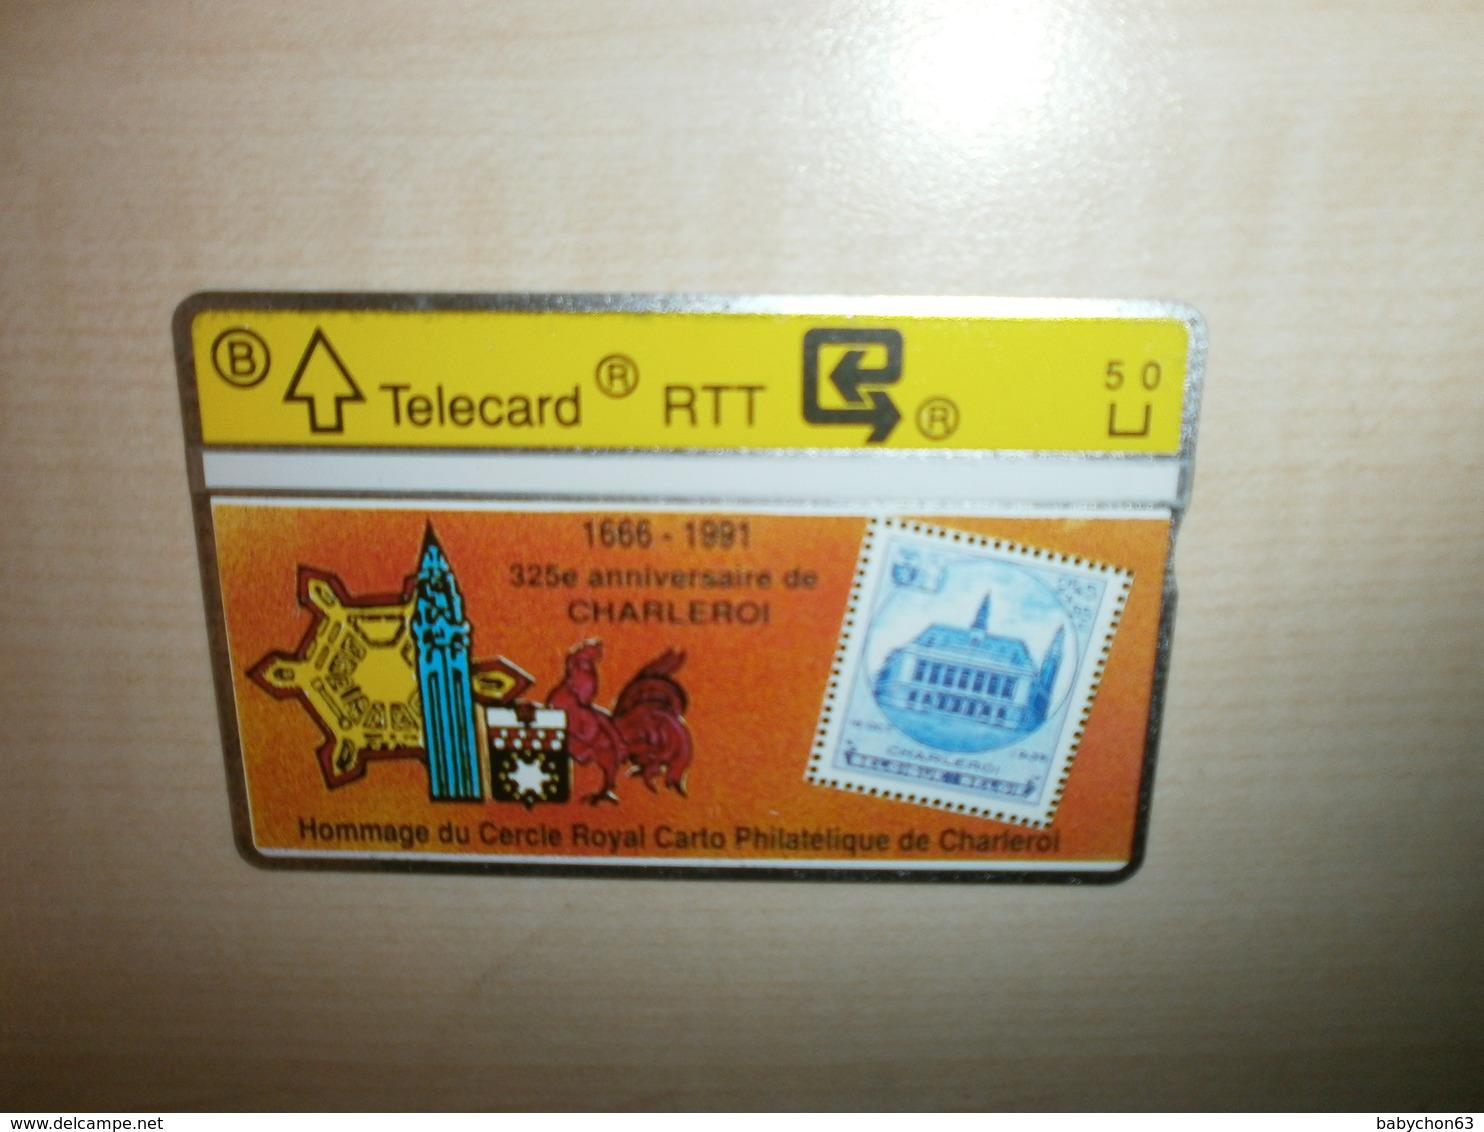 Télécarte Ancienne RTT   Publicité Hommage Du Cercle Royal Carto Philatélique De Charleroi - Stamps & Coins